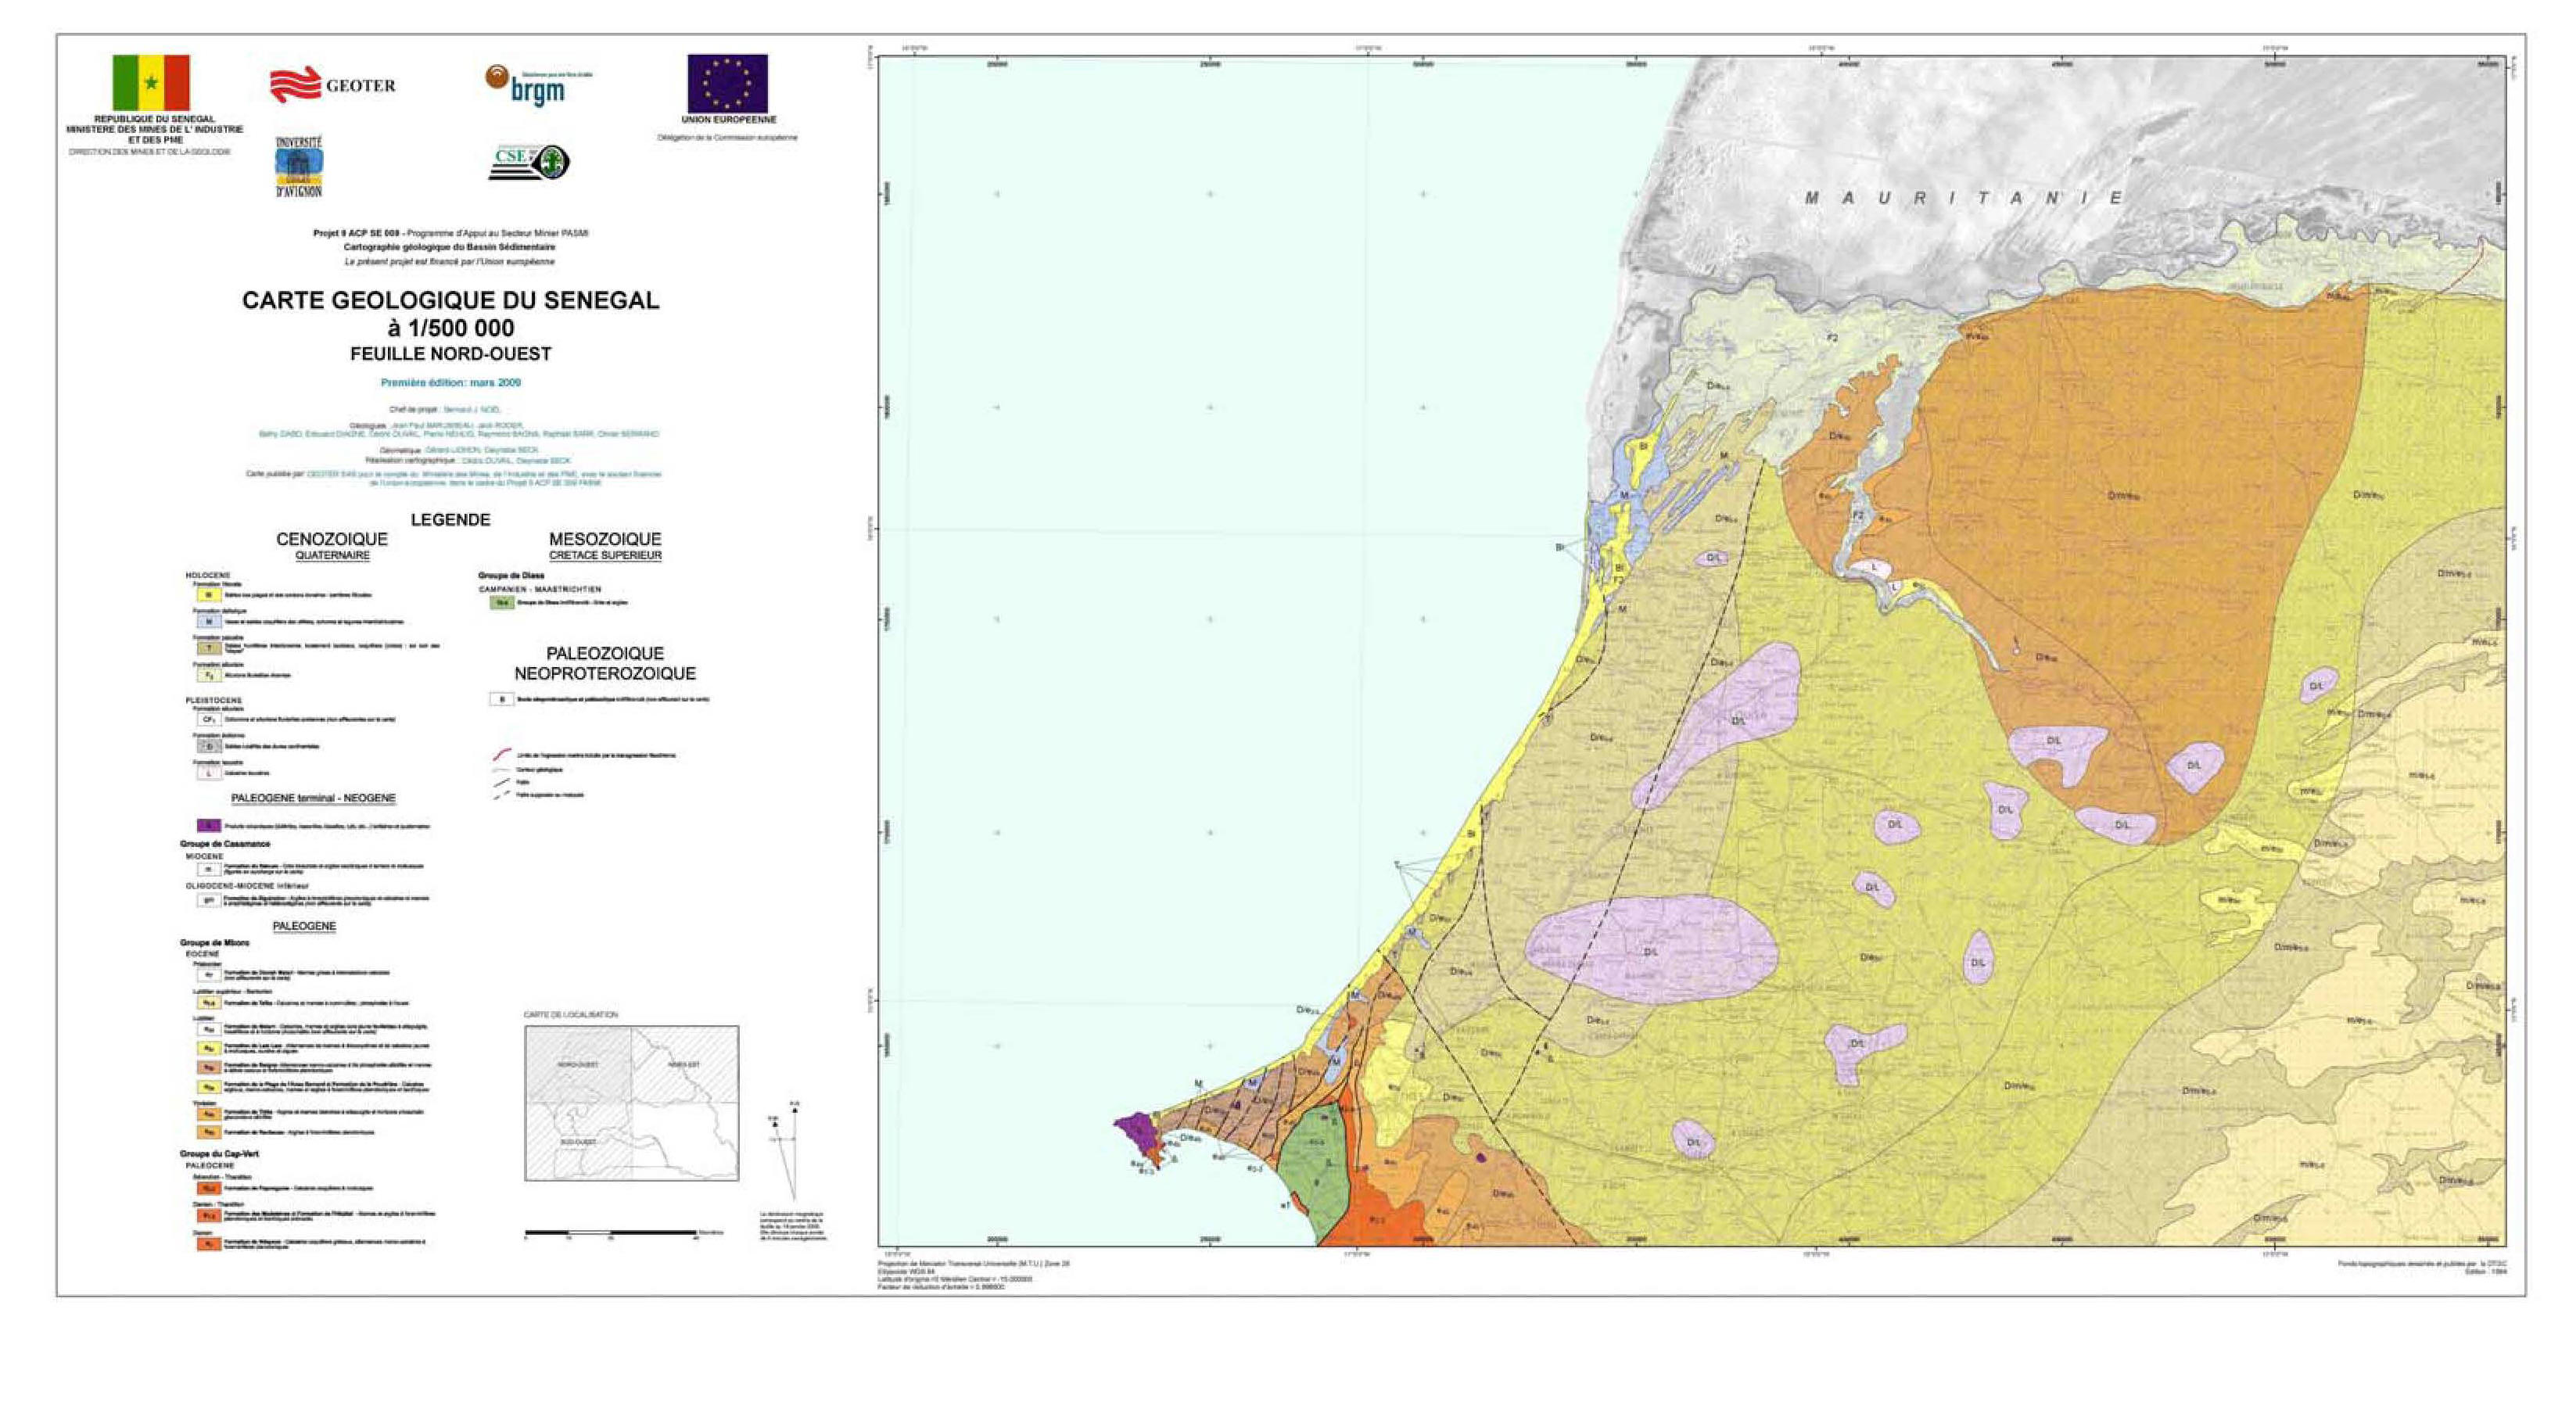 Carte Geologique Australie.Cartes Geologiques Du Senegal Au Senegal Le Cœur Du Senegal